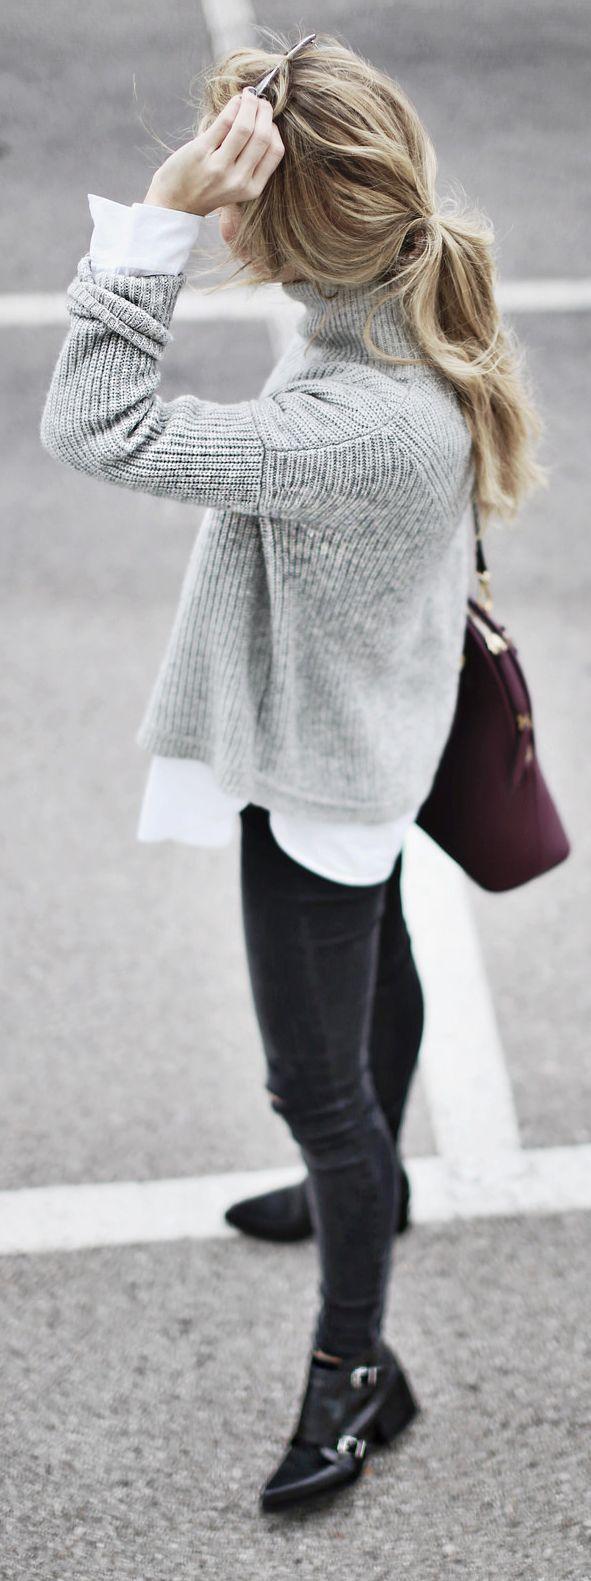 Paaren Sie einen grauen Strick Rollkragenpullover mit schwarzen Engen Jeans für ein sonntägliches Mittagessen mit Freunden. Komplettieren Sie Ihr Outfit mit schwarzen Leder Stiefeletten.